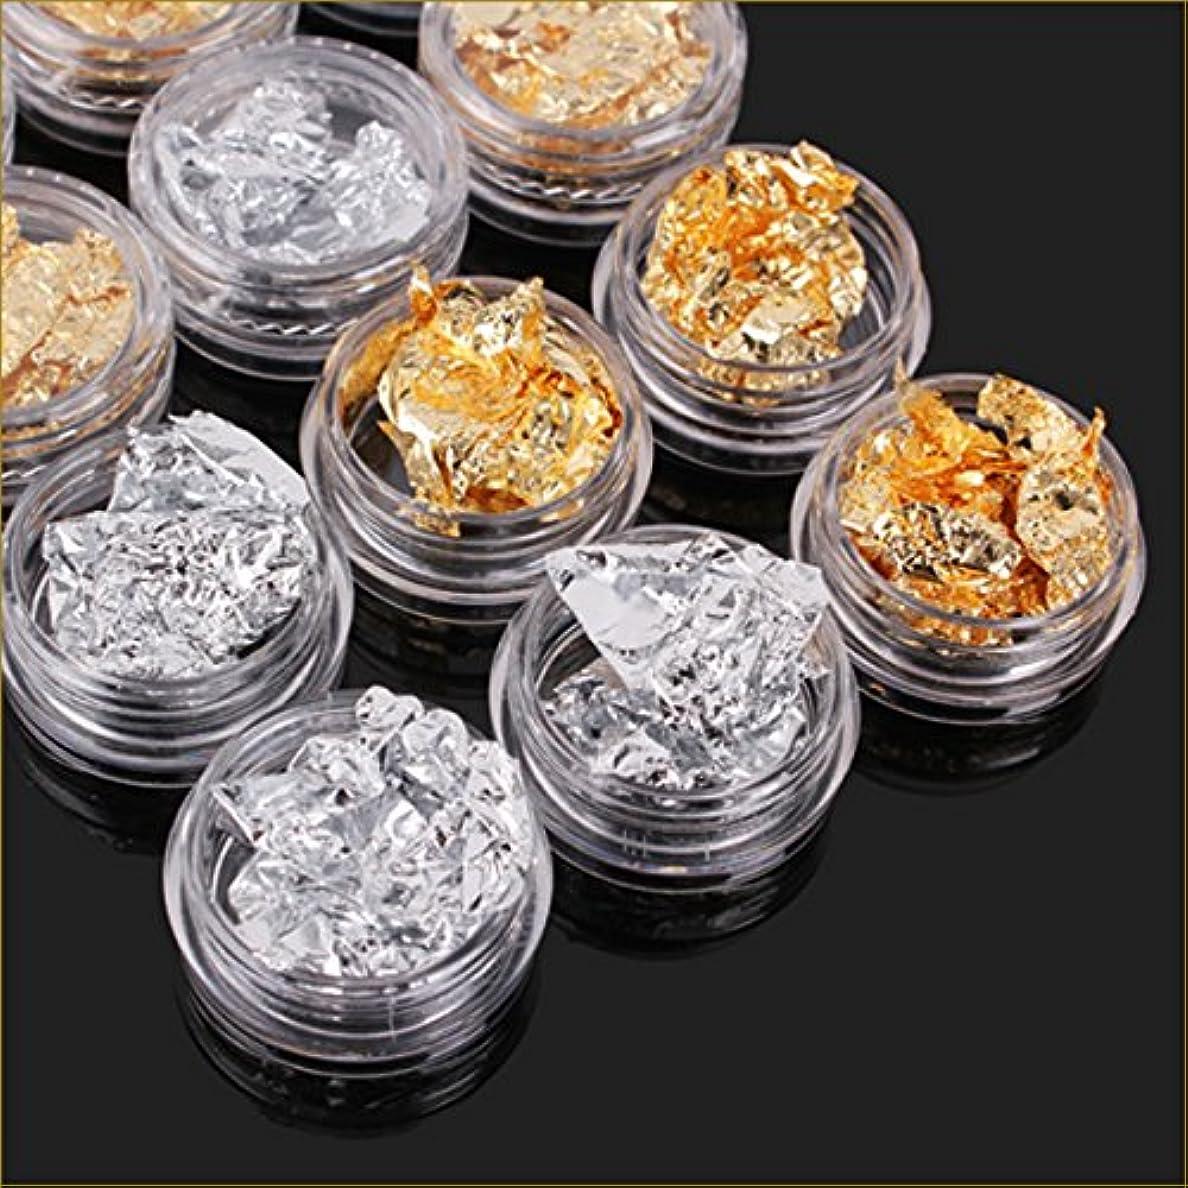 二十不完全なおんどりネイル用品金箔 銀箔 大量 2個入り 2色 ケース付き ネイルパーツ メタルスタッズ ネイルナゲット ホイル ベイント用